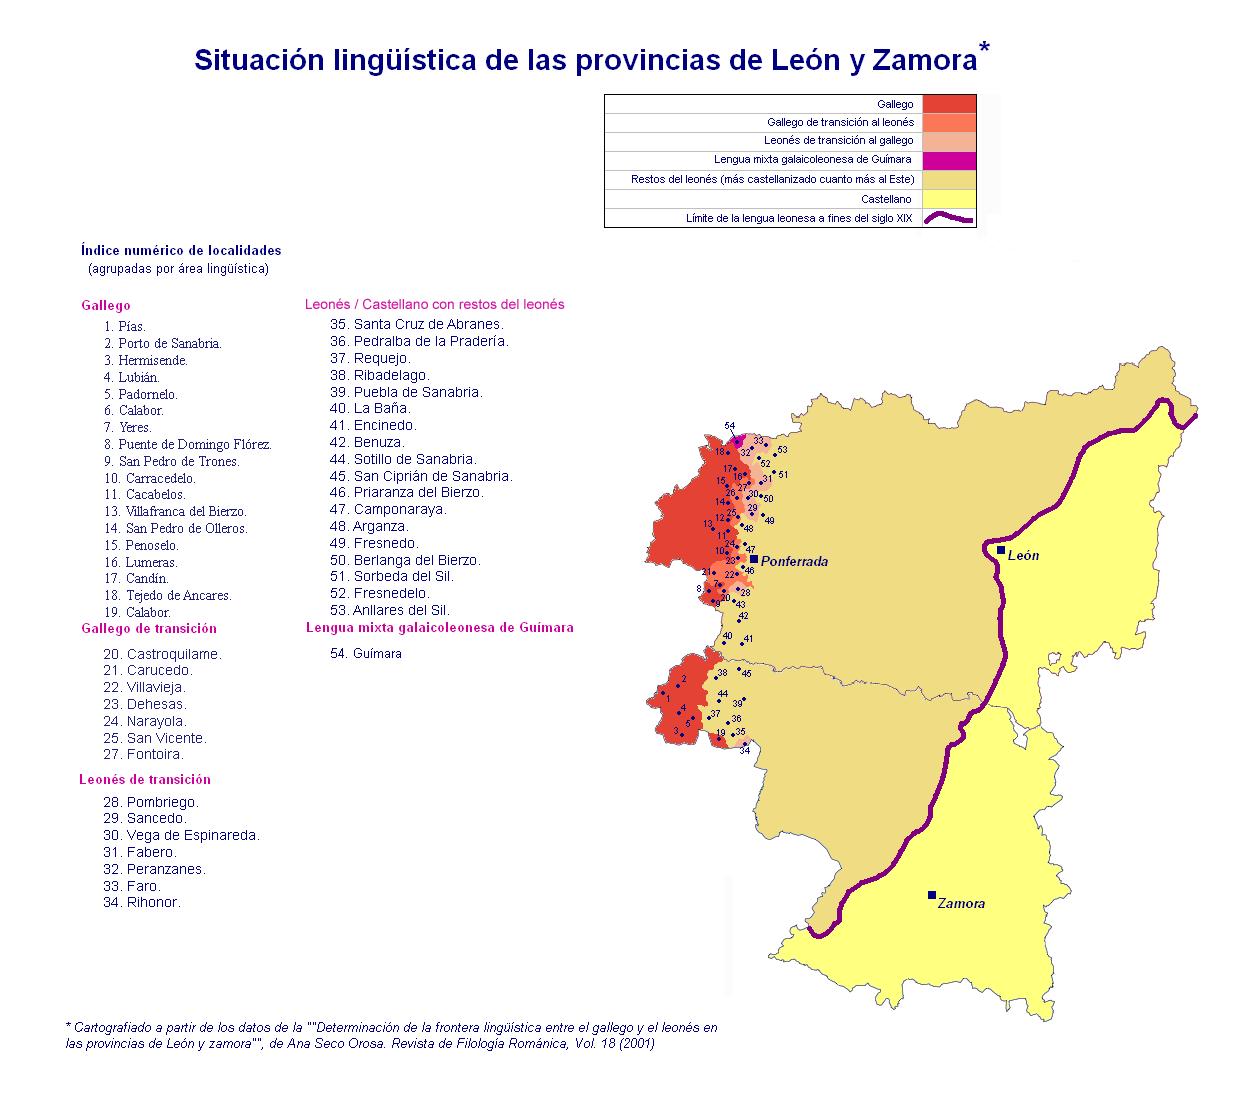 Mapa lingüístico actual de Zamora y León 2009